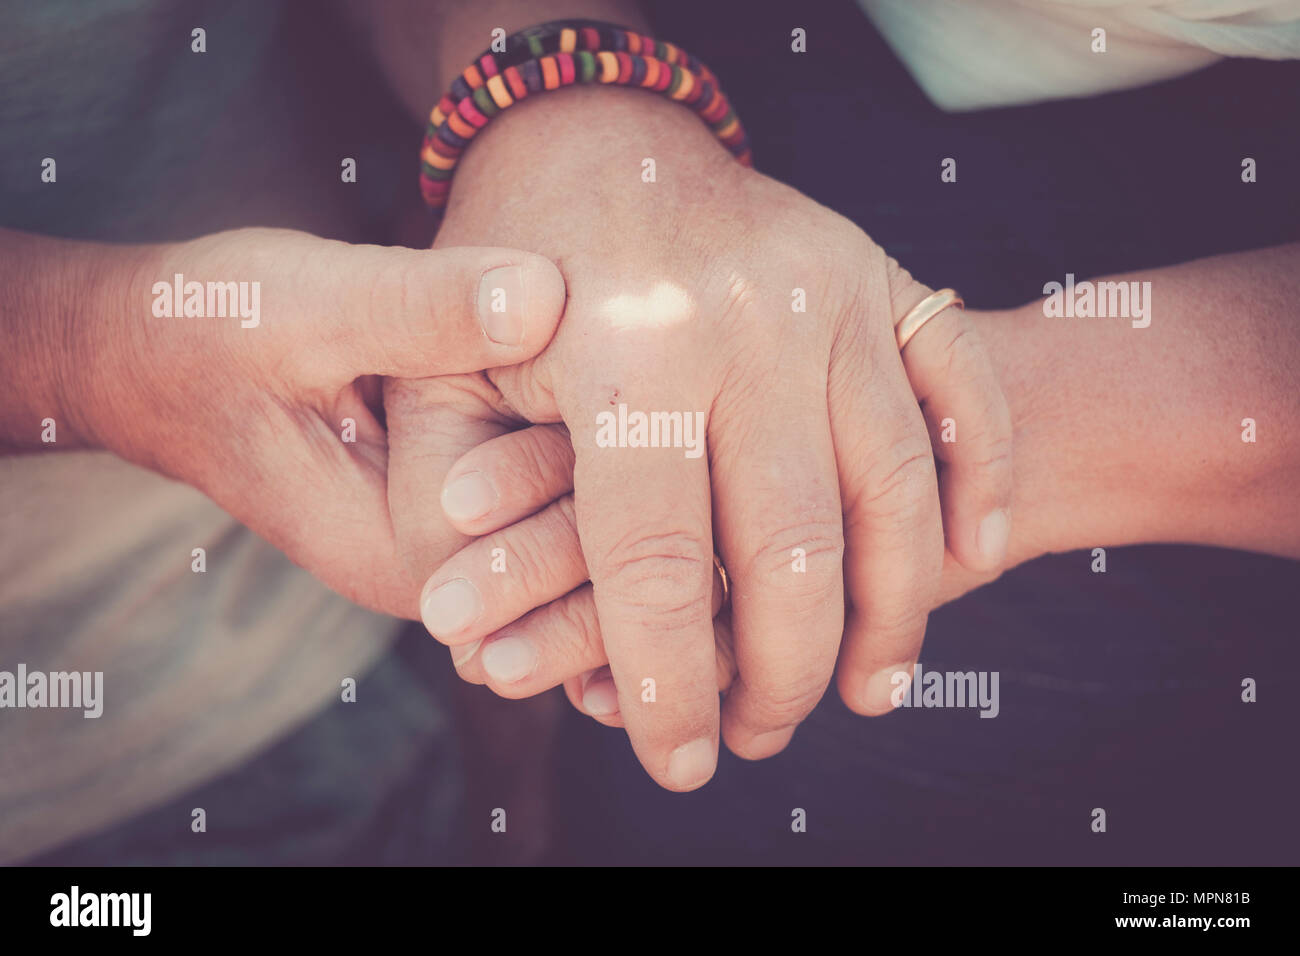 Siempre tegether concepto para una pareja de ancianos altos manos tocan y permanecer juntos. Momento de amor para vivir juntos Imagen De Stock